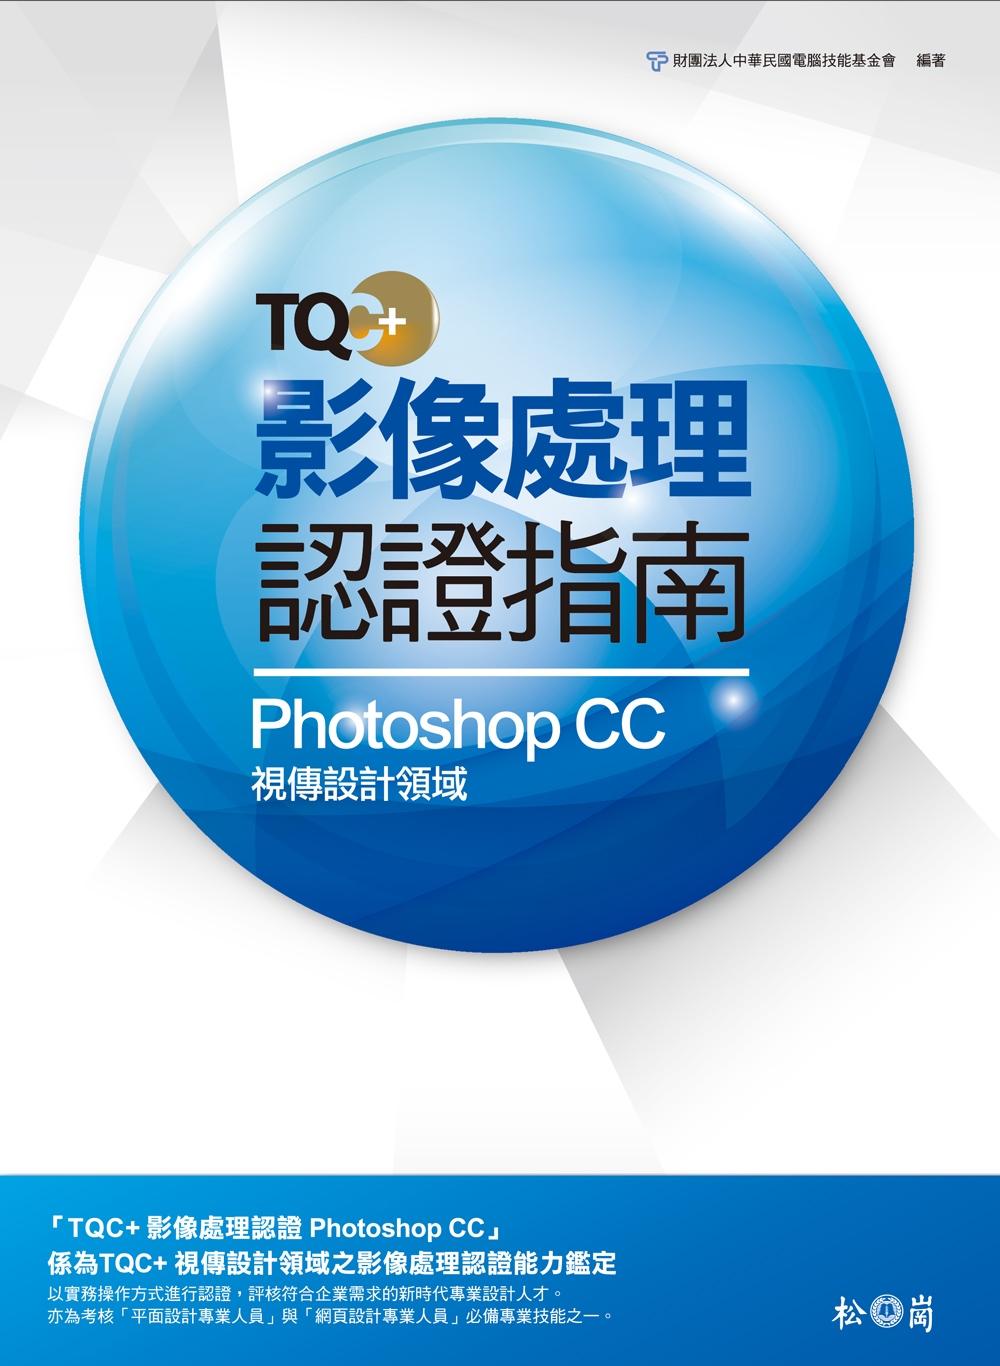 TQC+ 影像處理認證指南Photoshop CC(附CD)